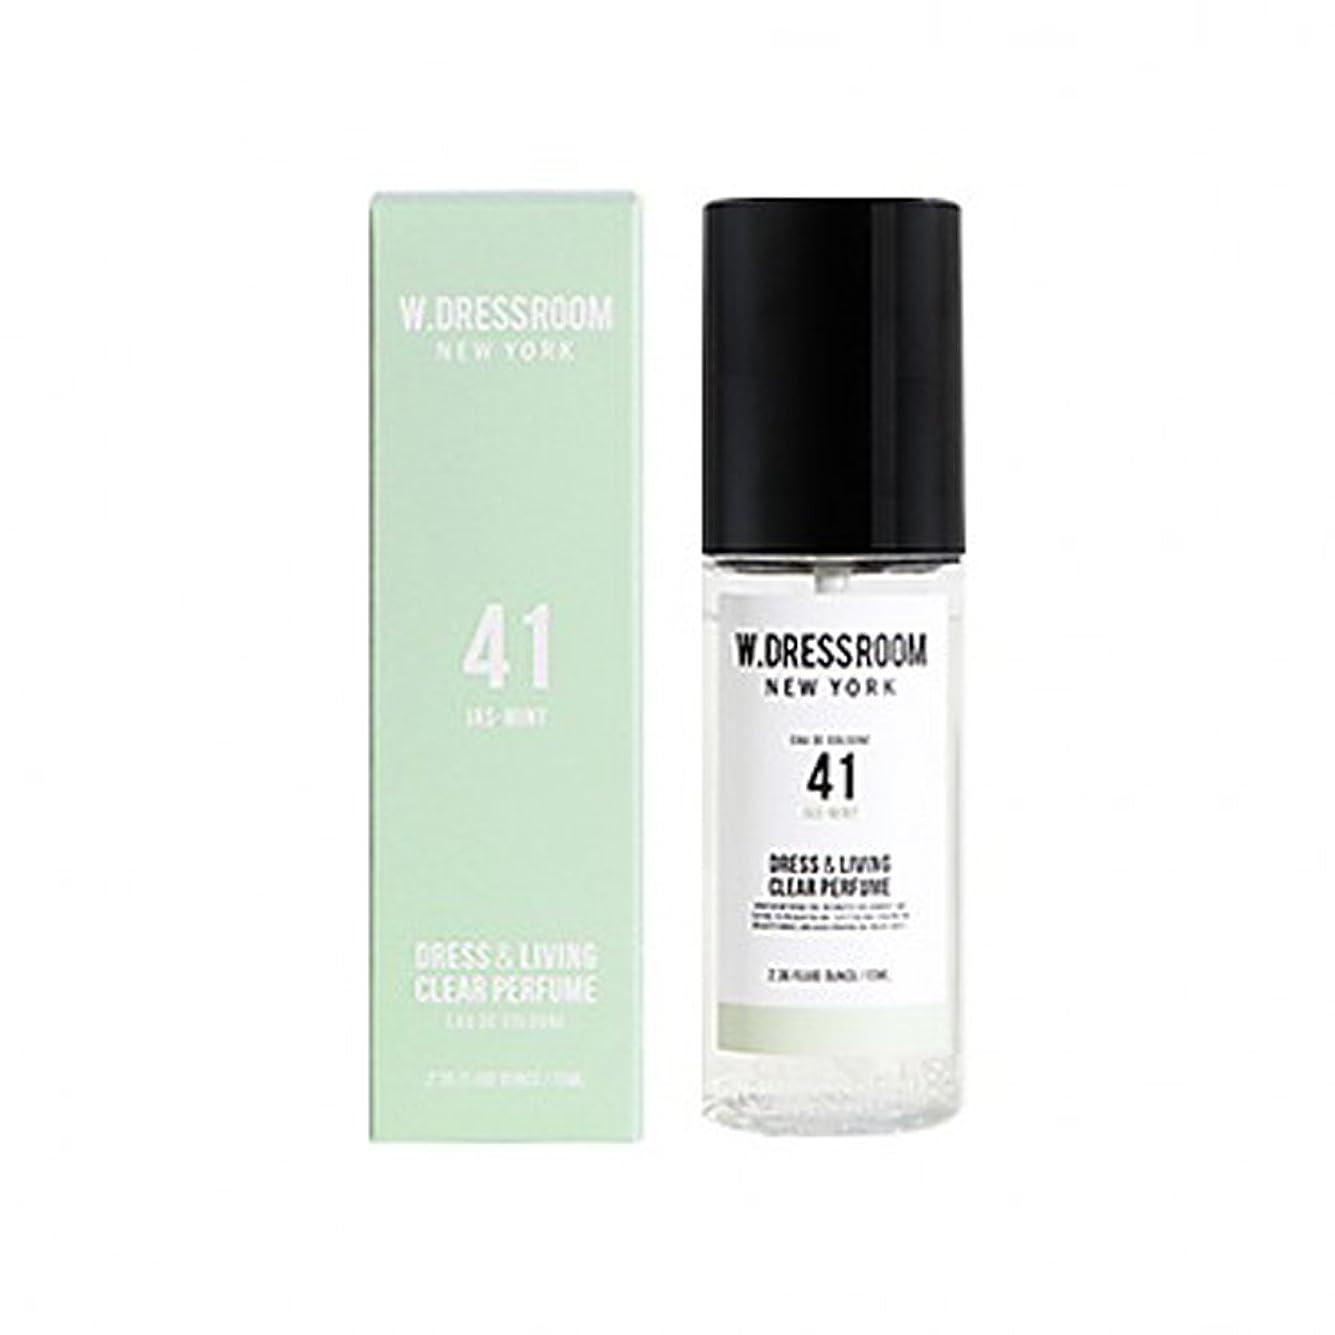 方法中絶ミルW.DRESSROOM Dress & Living Clear Perfume fragrance 70ml (#No.41 Jas-Mint)/ダブルドレスルーム ドレス&リビング クリア パフューム 70ml (#No.41 Jas-Mint)